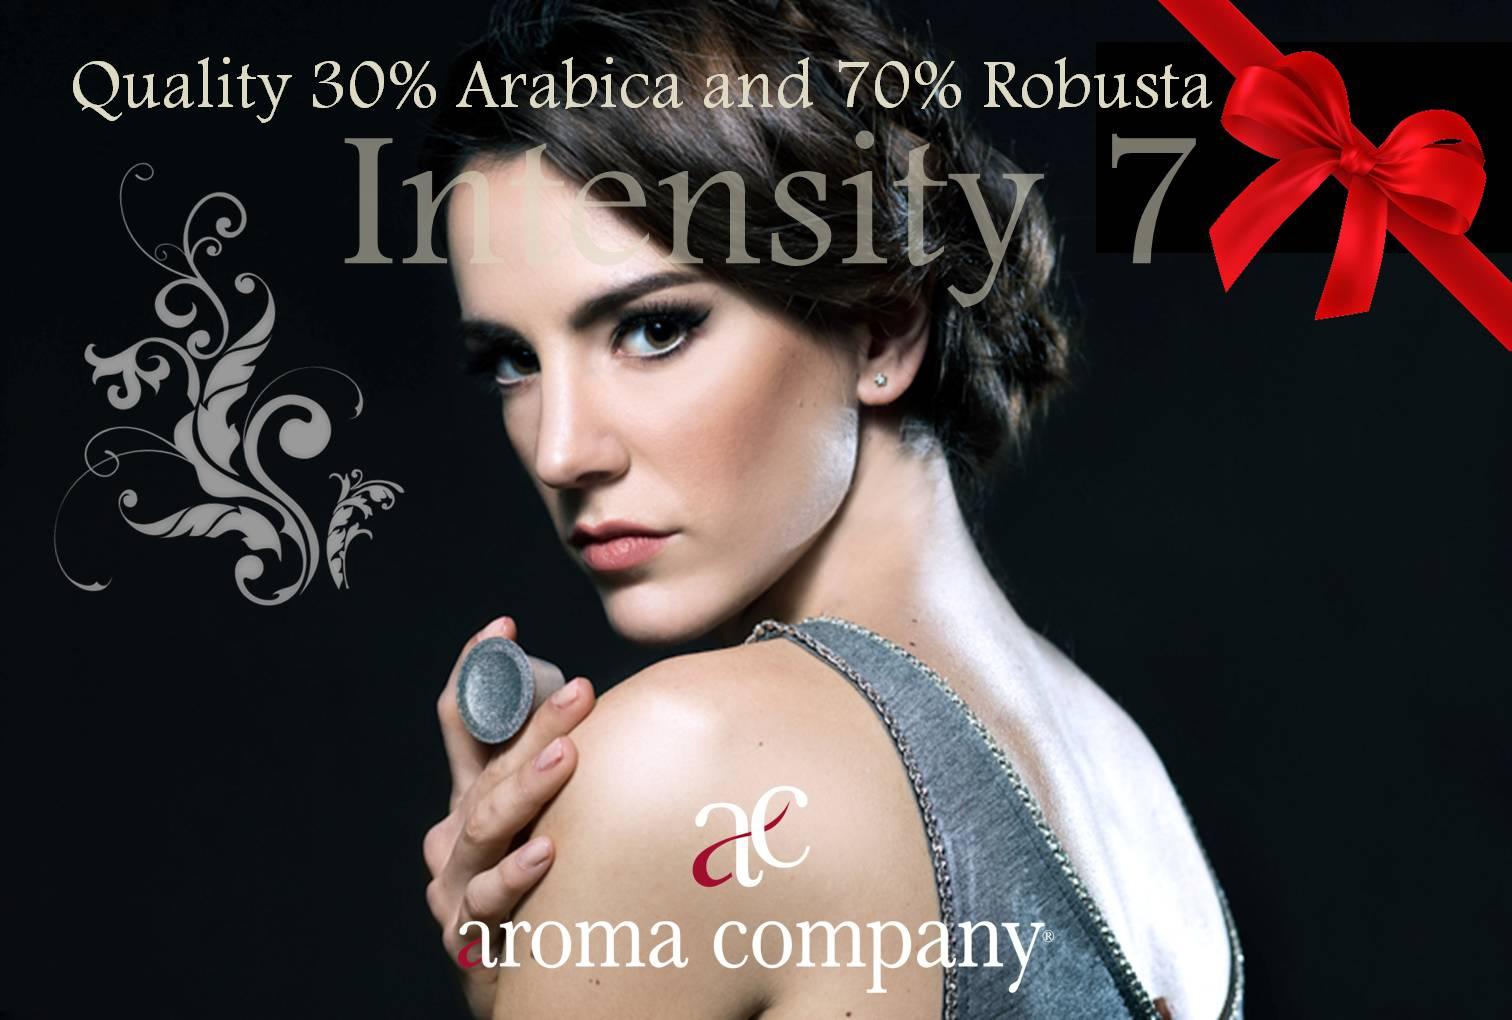 Deck Aroma Aroma Company quality of espresso